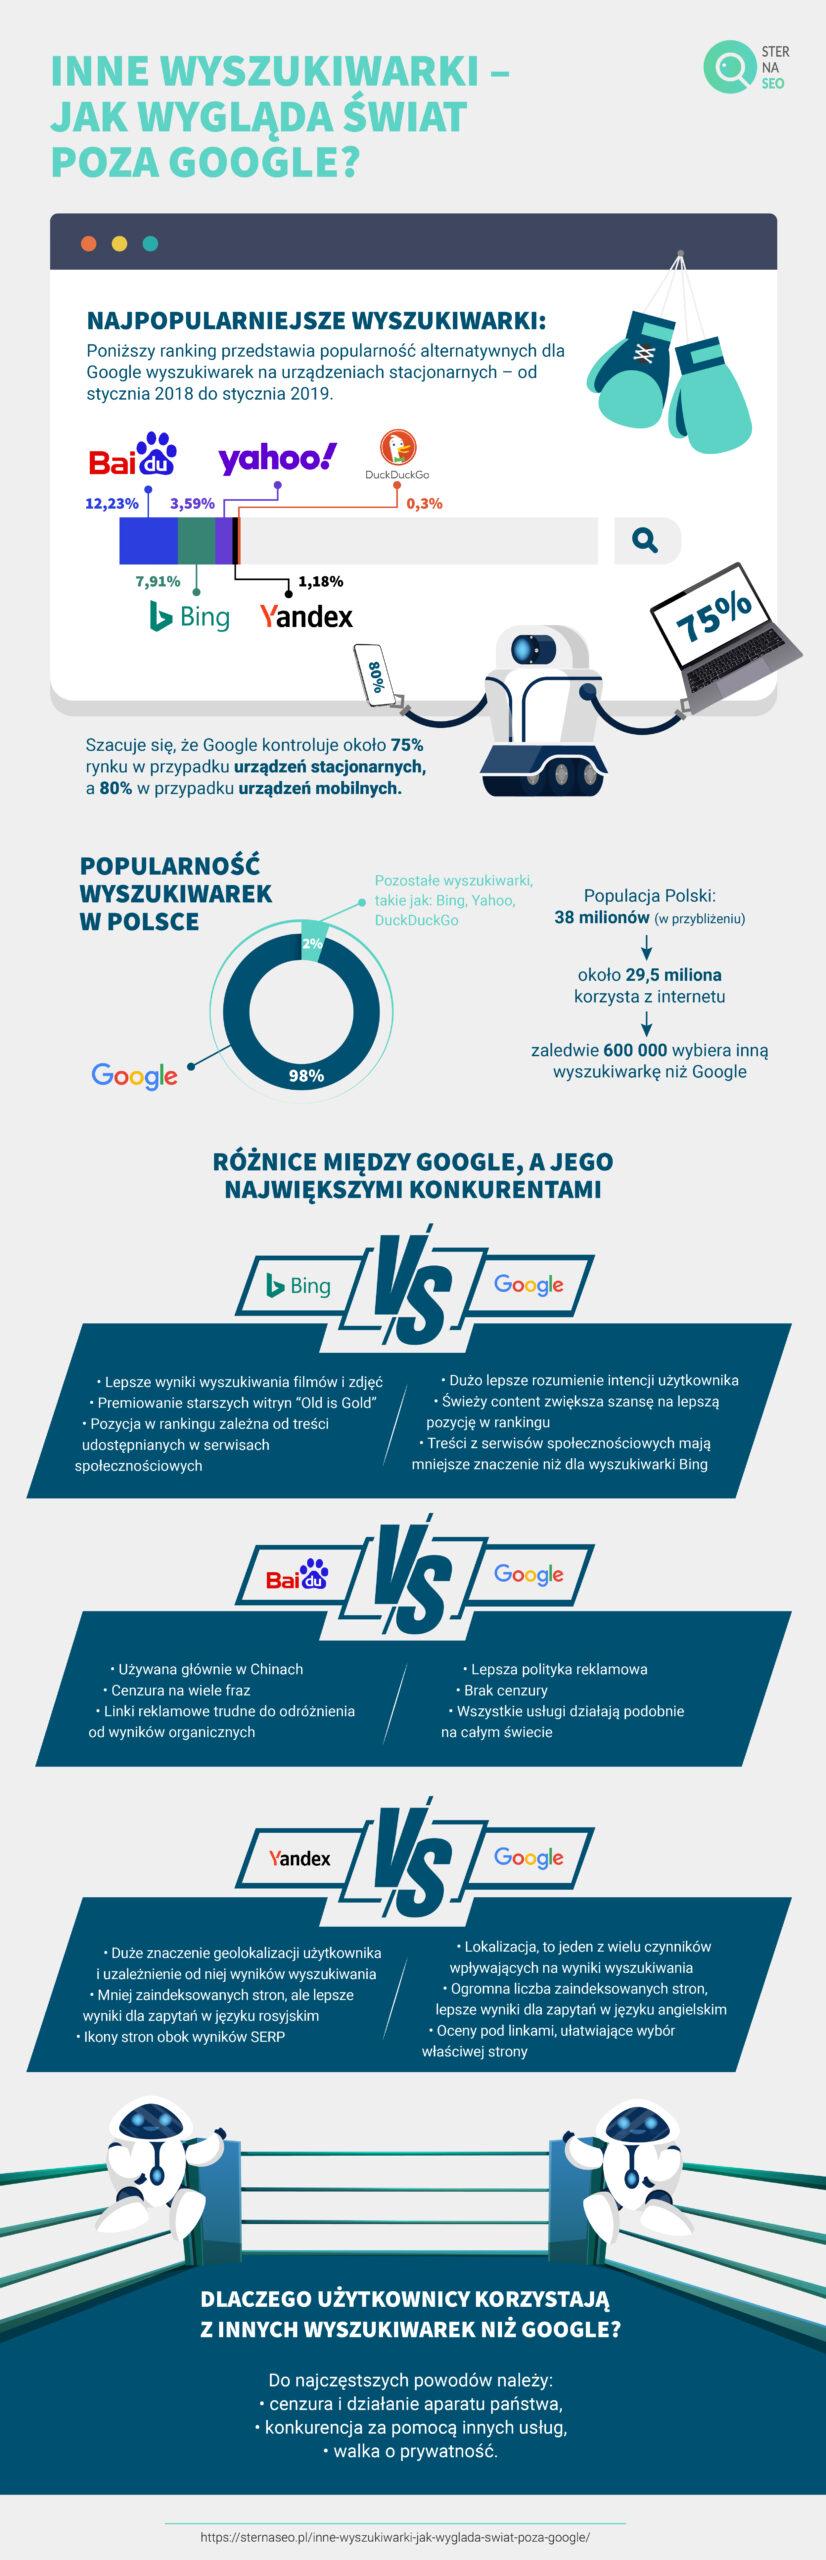 Inne wyszukiwarki – jak wygląda świat poza Google?